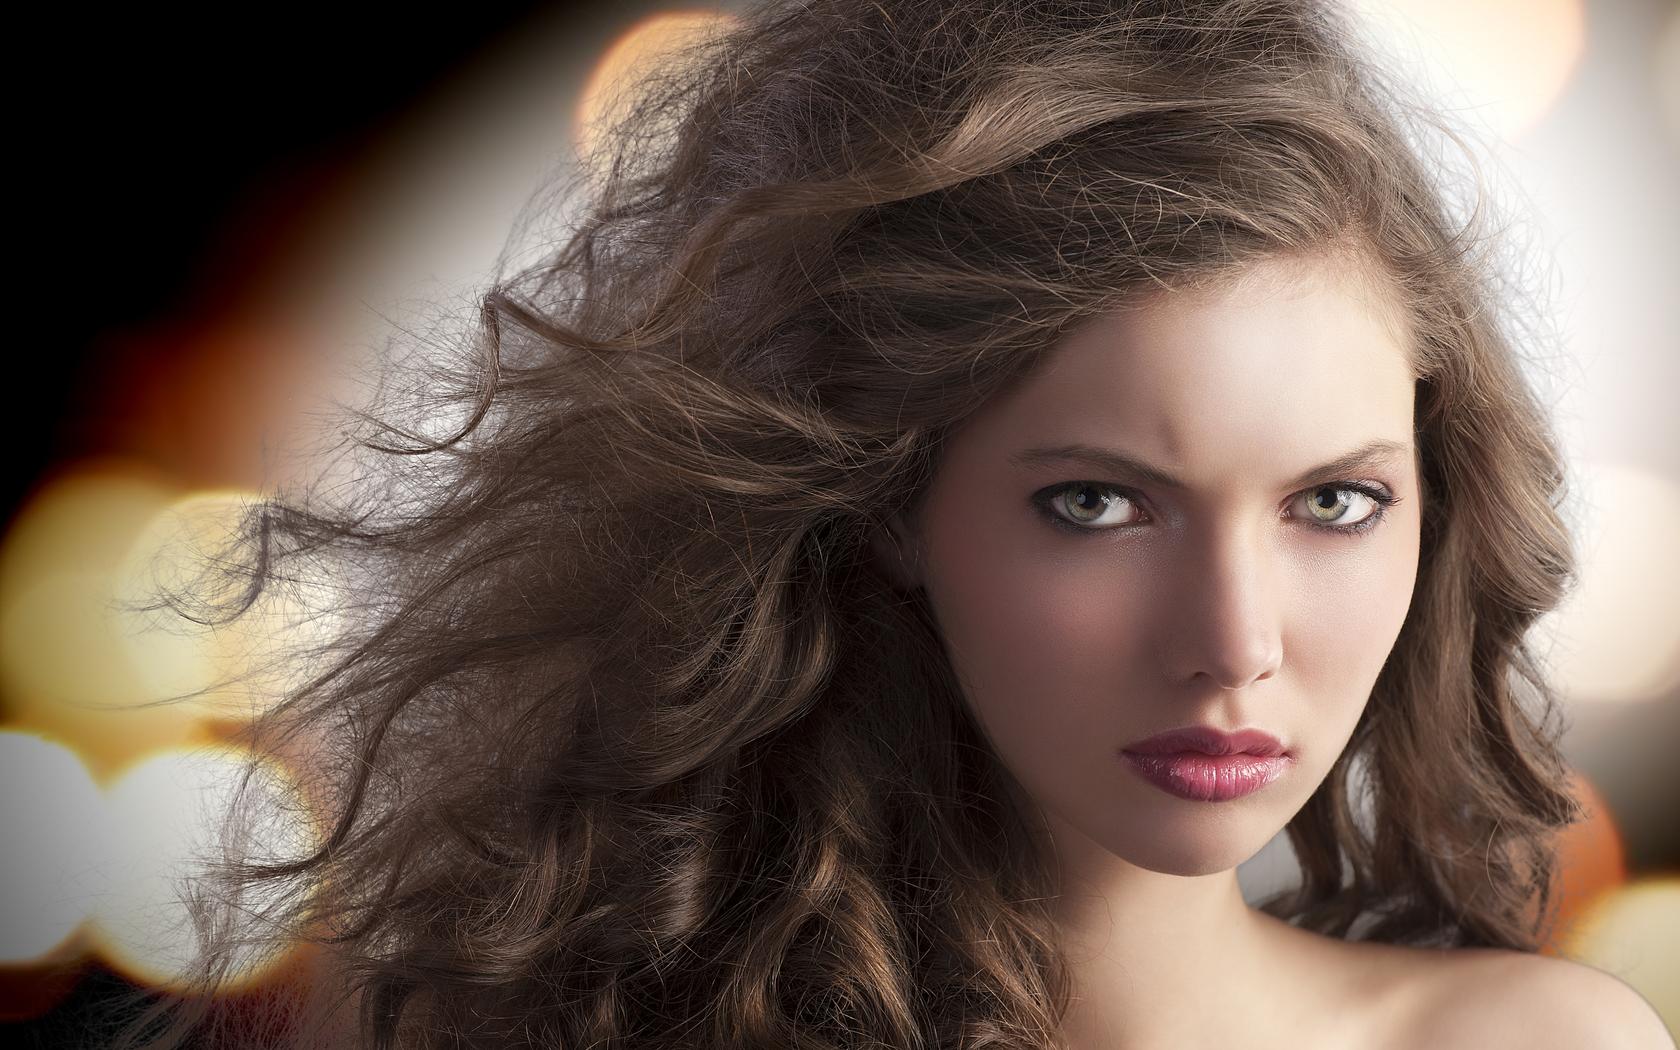 Выразительное фото девушки